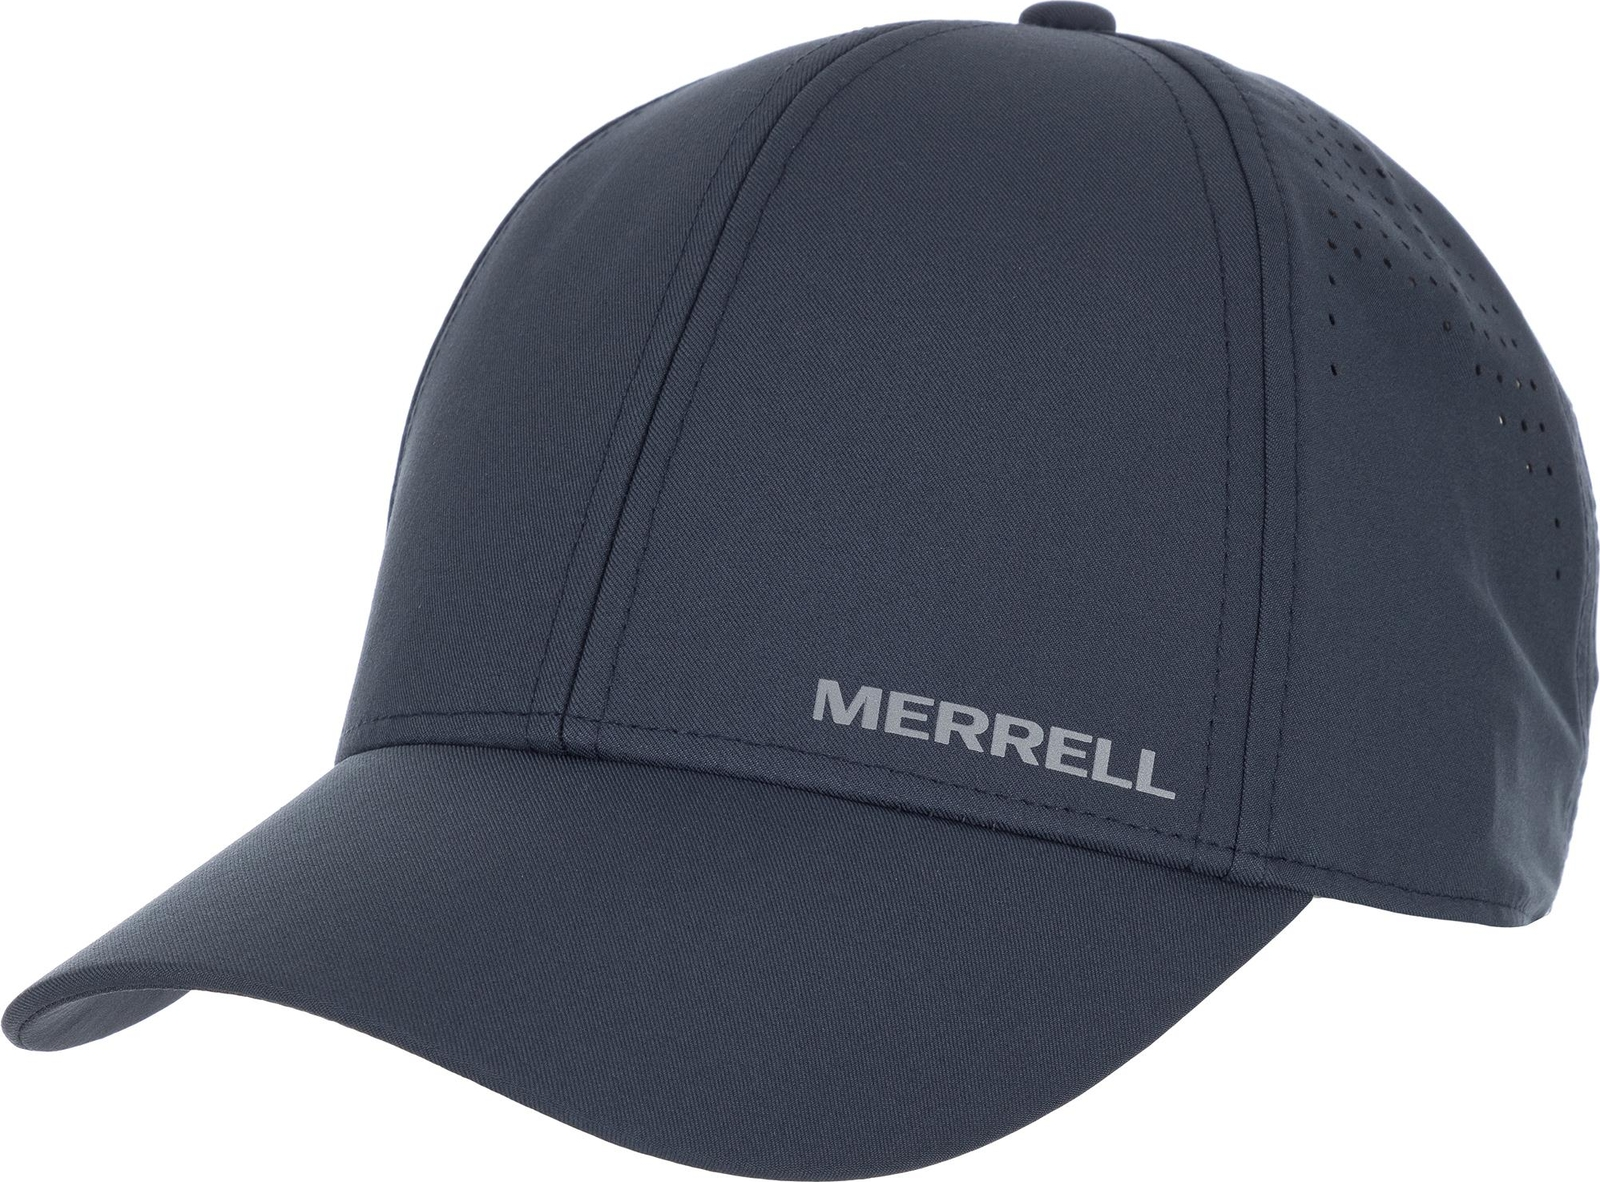 Бейсболка Merrell бейсболка puma sf ls baseball cap цвет темно оливковый 02177602 размер универсальный